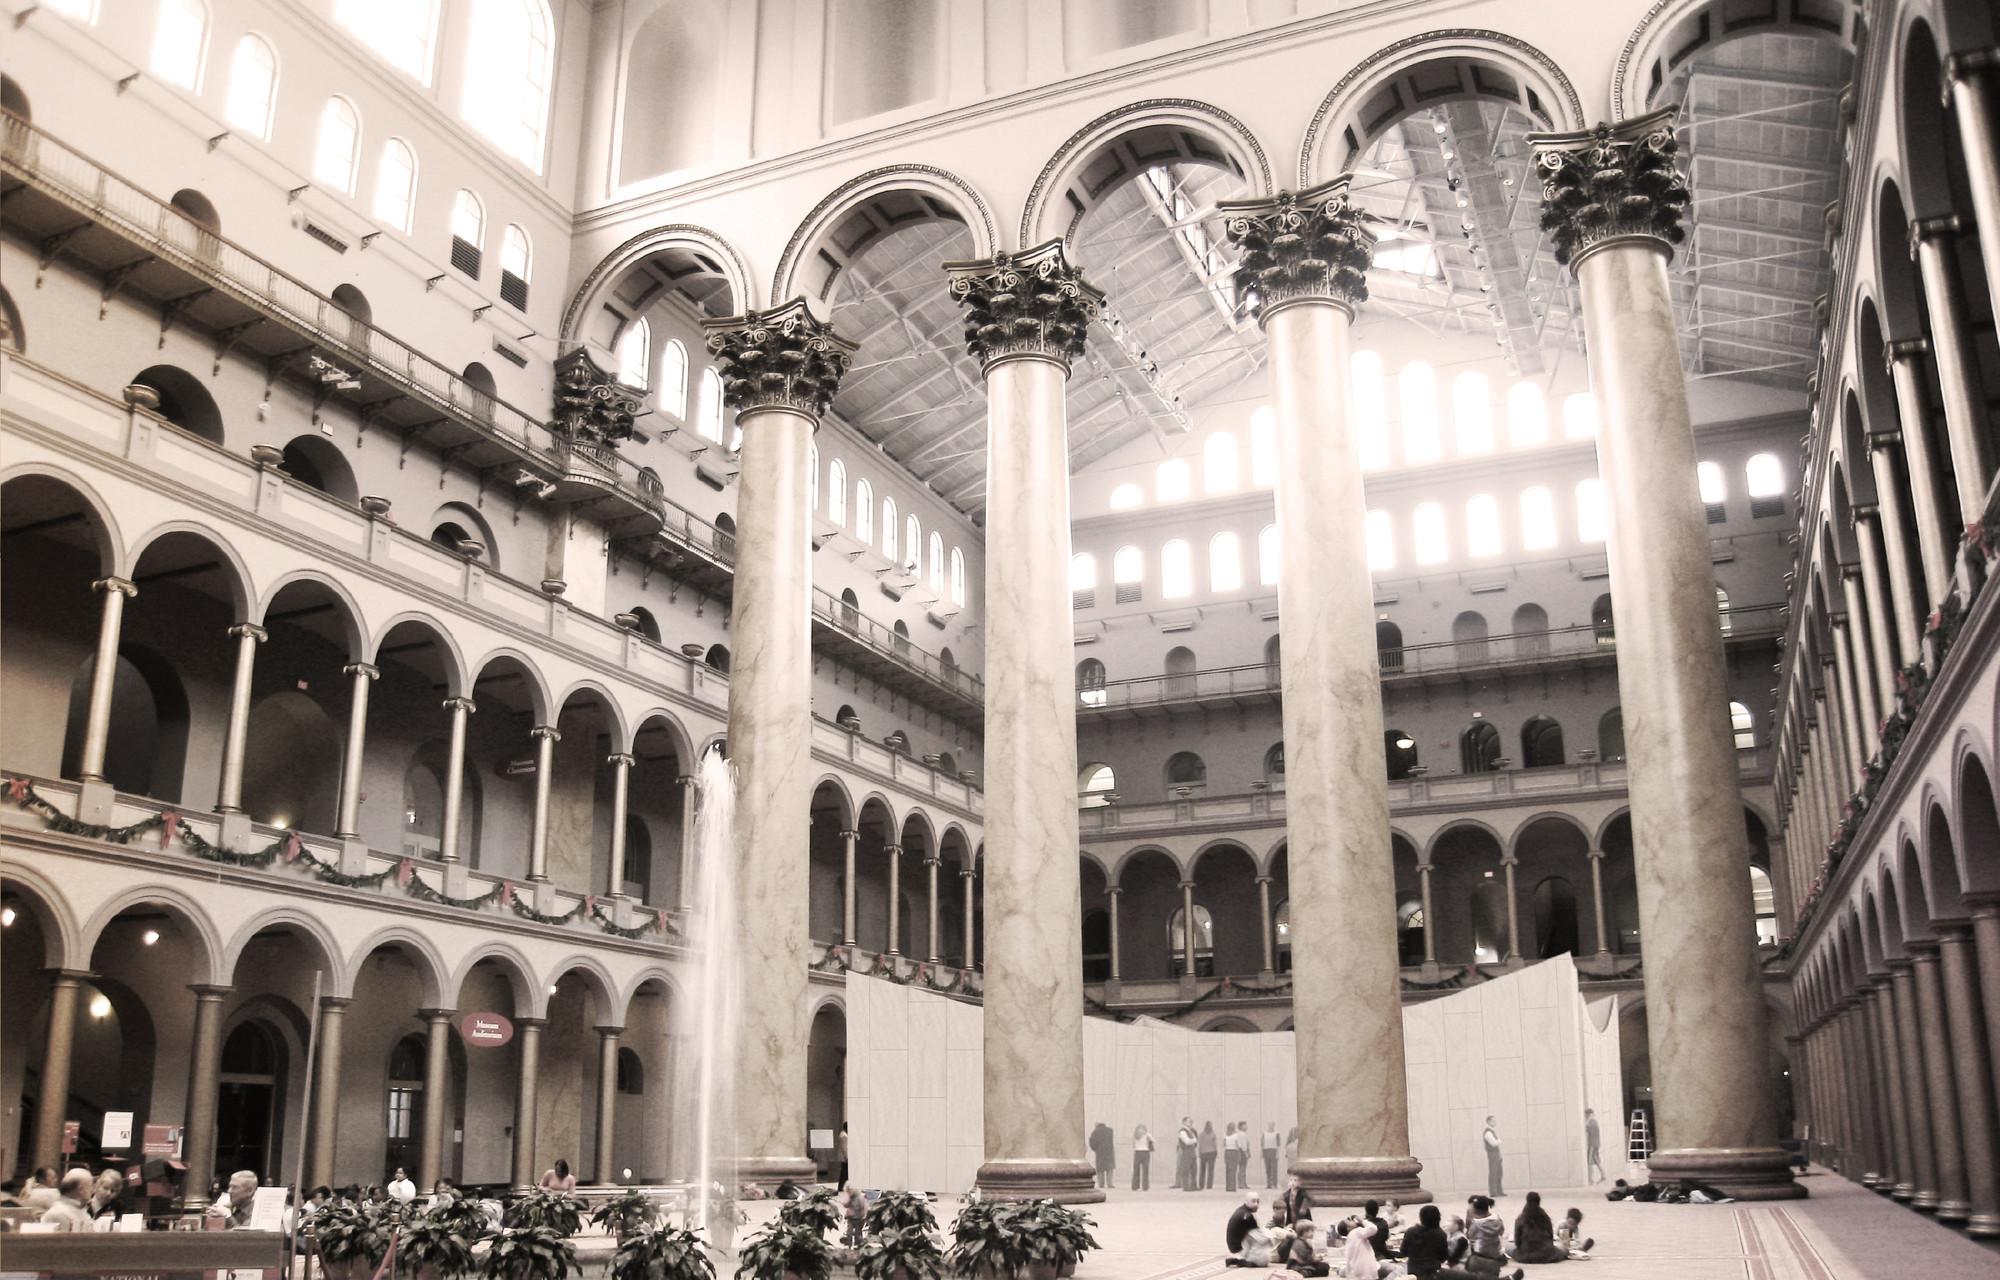 © BIG. Imagen Cortesía de National Building Museum